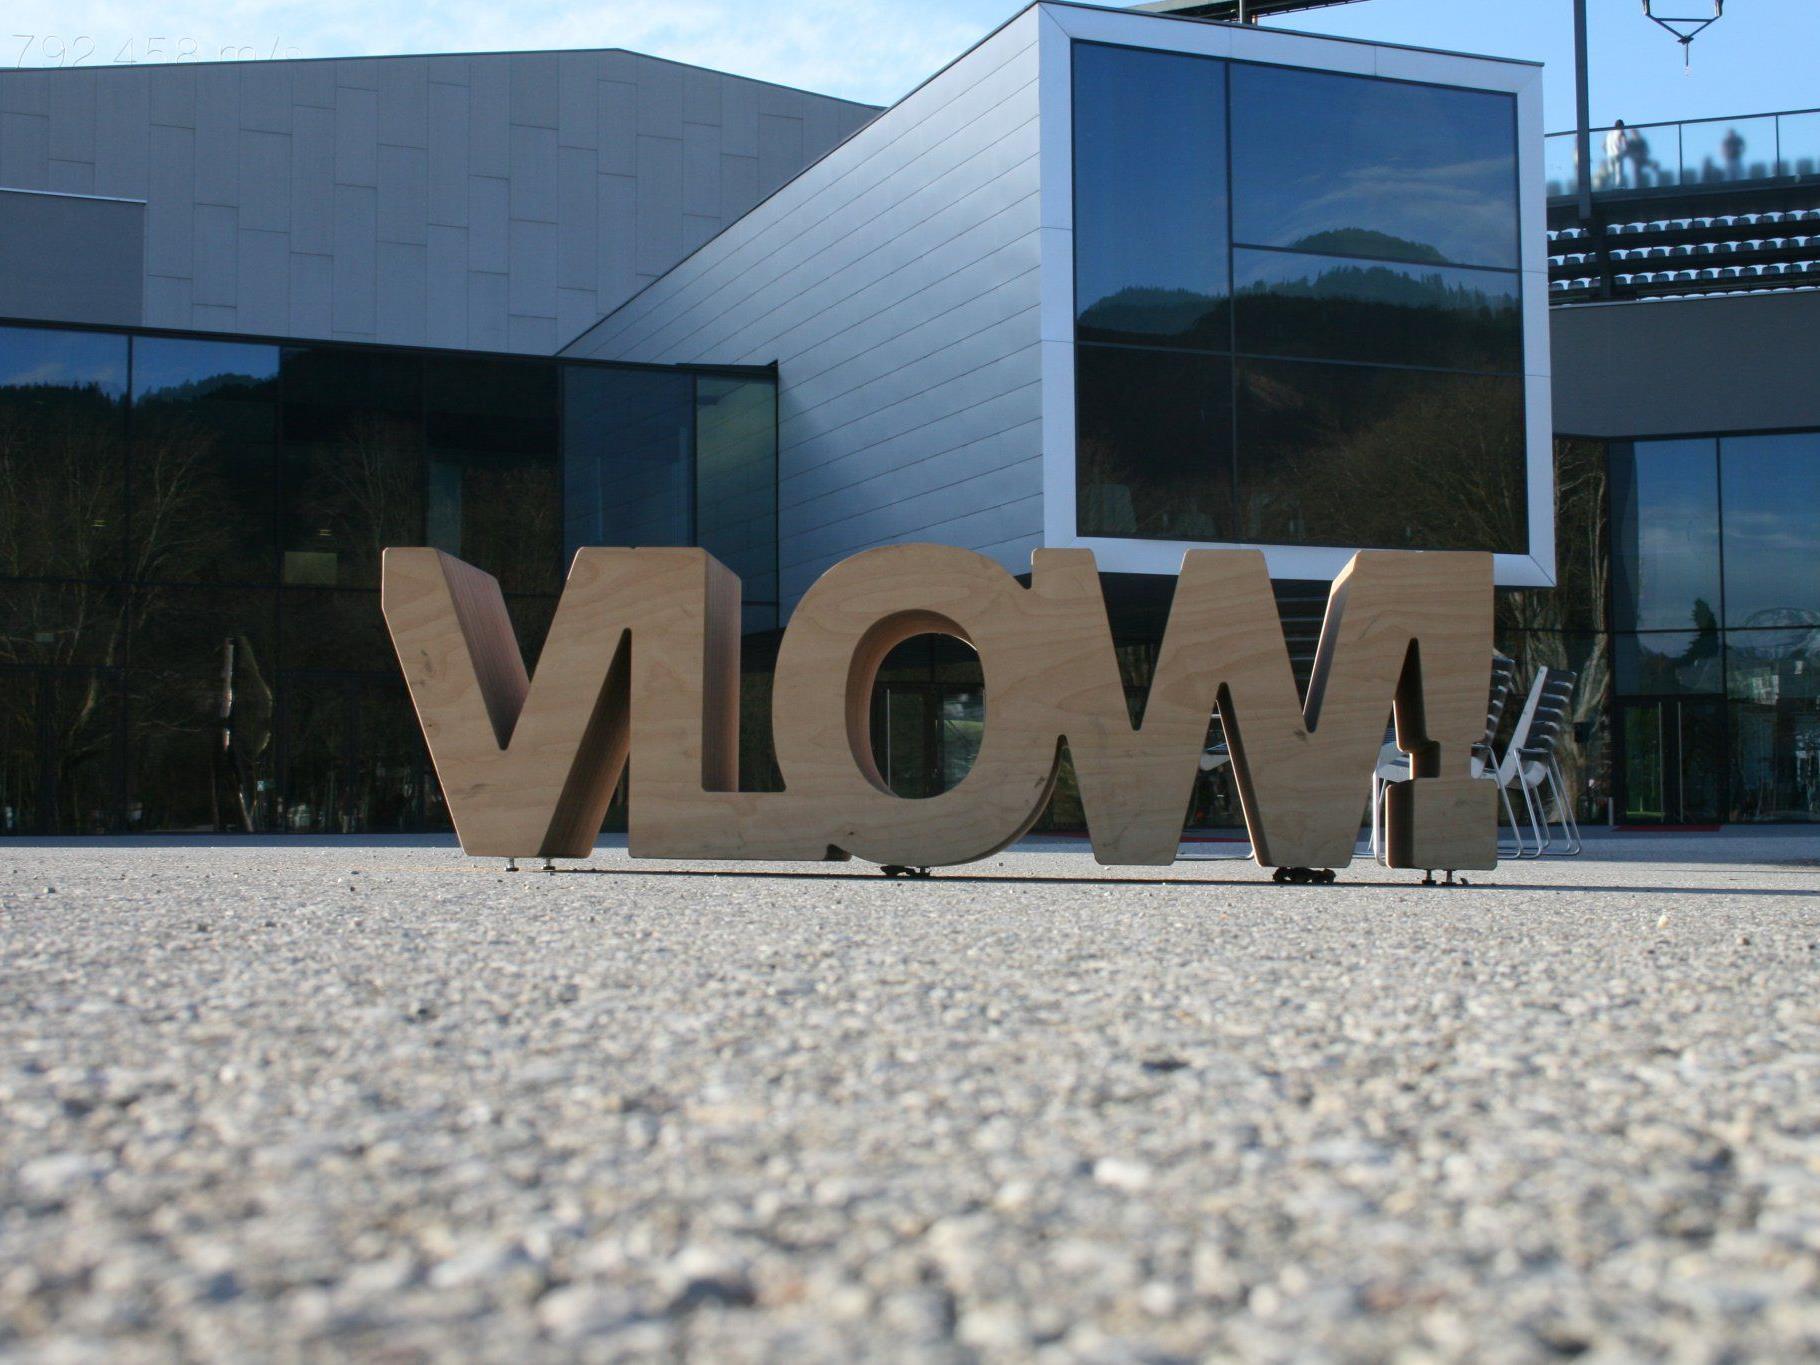 Das Festspielhaus Bregenz ist im Oktober Schauplatz des Kommunikations- und Designkongresses VLOW!12.